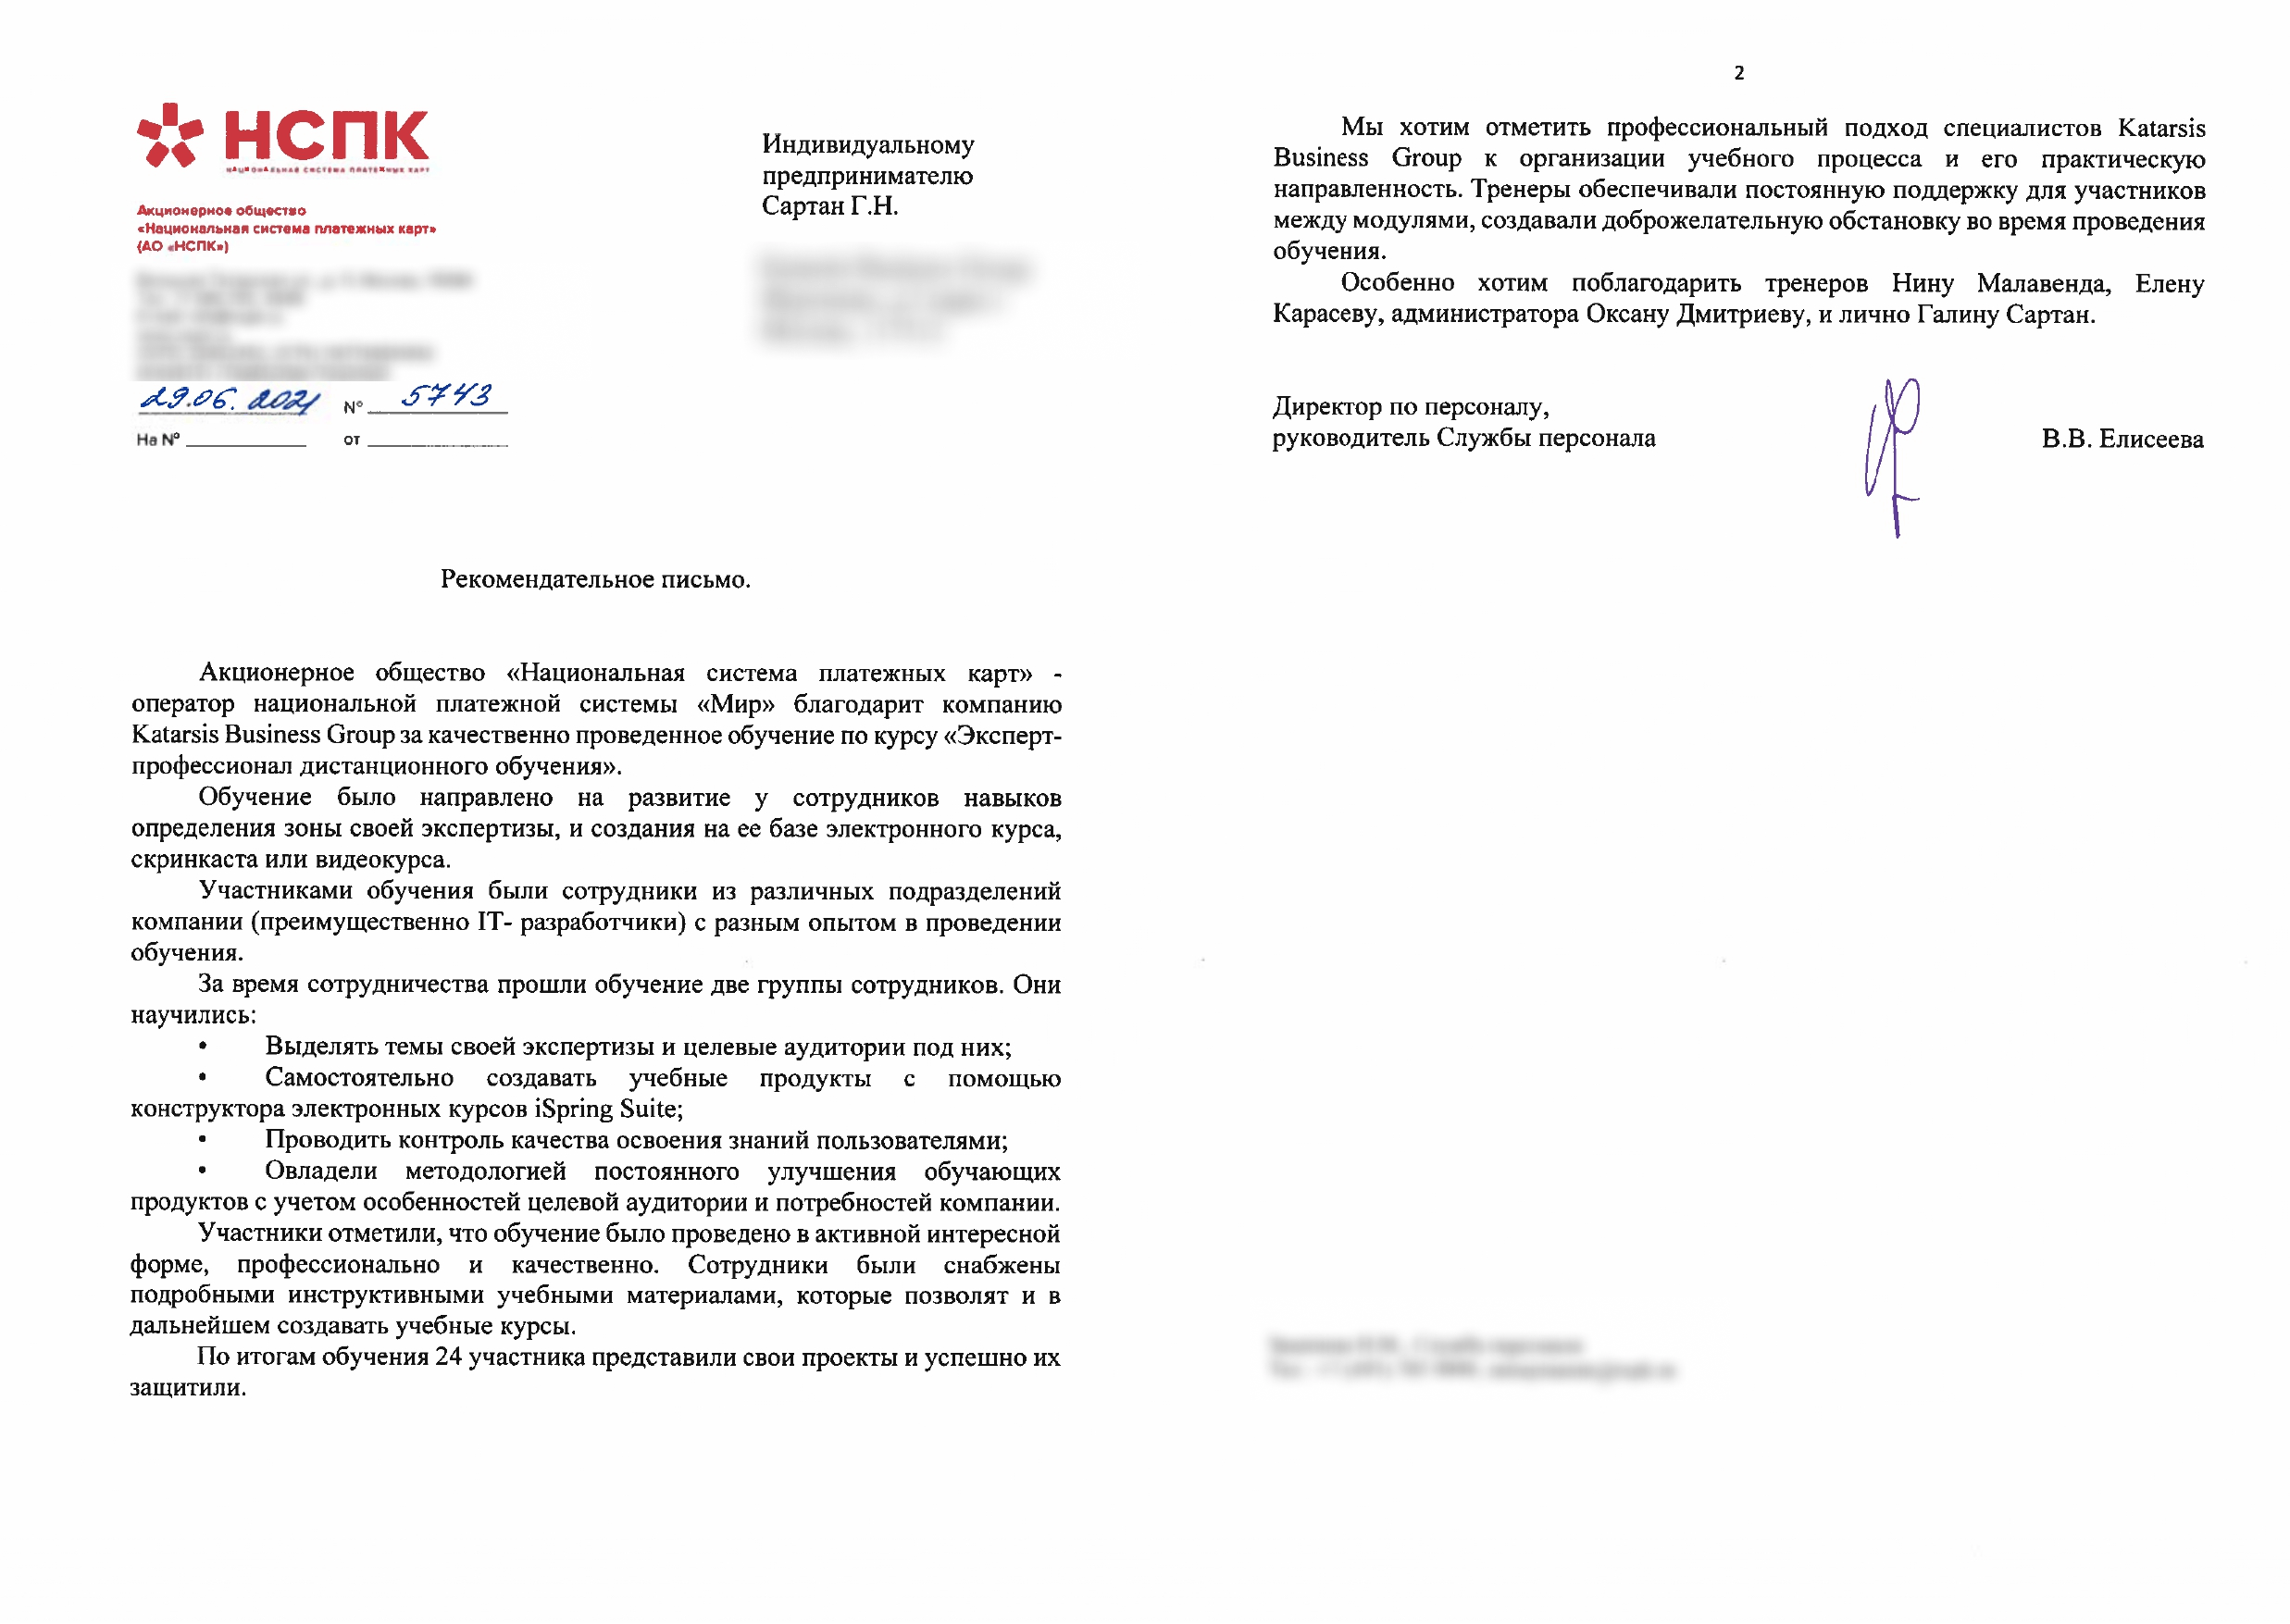 Отзыв от АО «Национальная система платежных карт» 2021